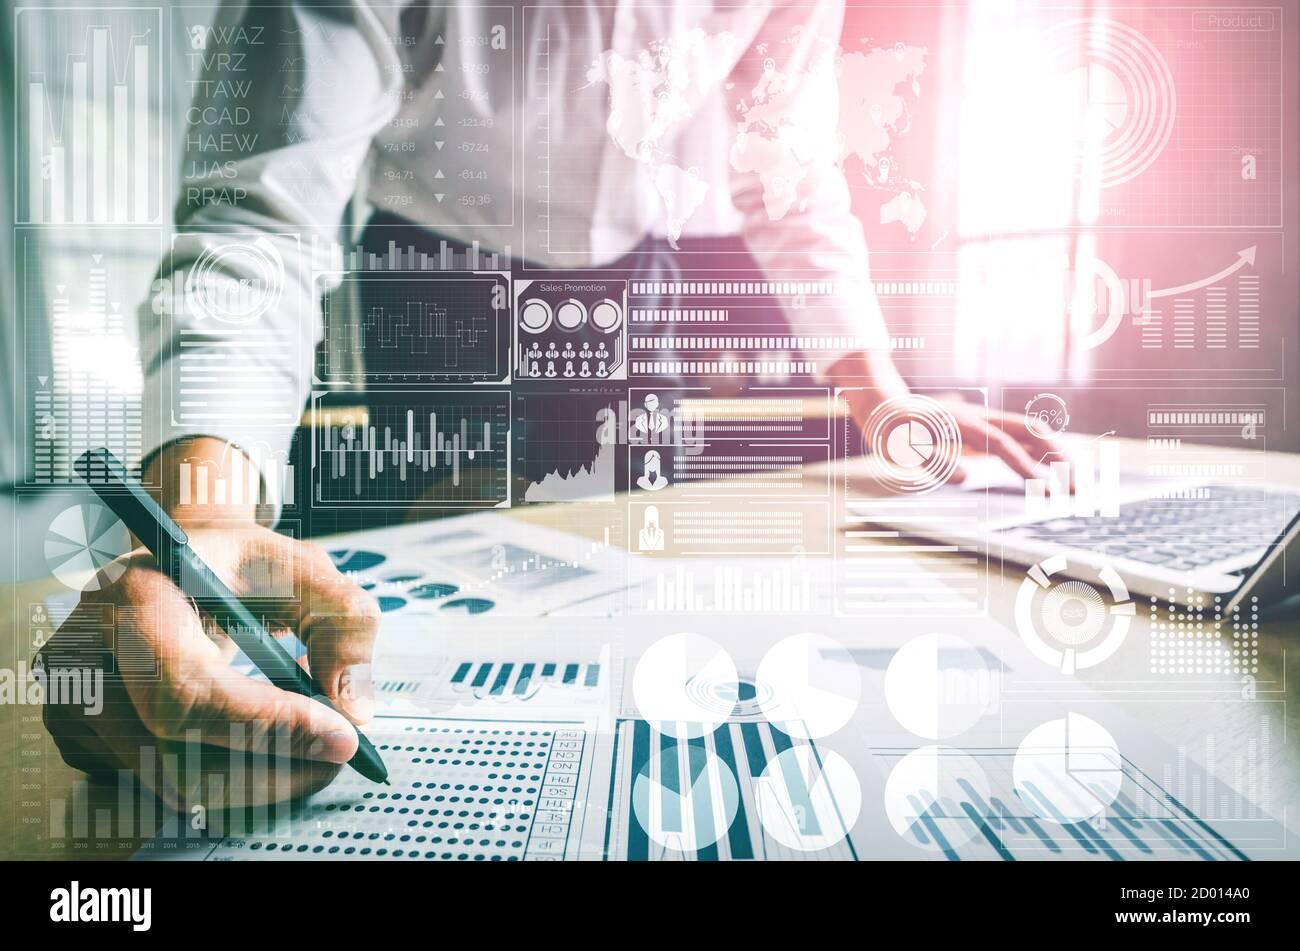 Analisi dei dati per Affari e Finanza concetto. Interfaccia grafica che mostra il futuro della tecnologia del computer di profitto, analitiche di marketing online e di ricerca Foto Stock